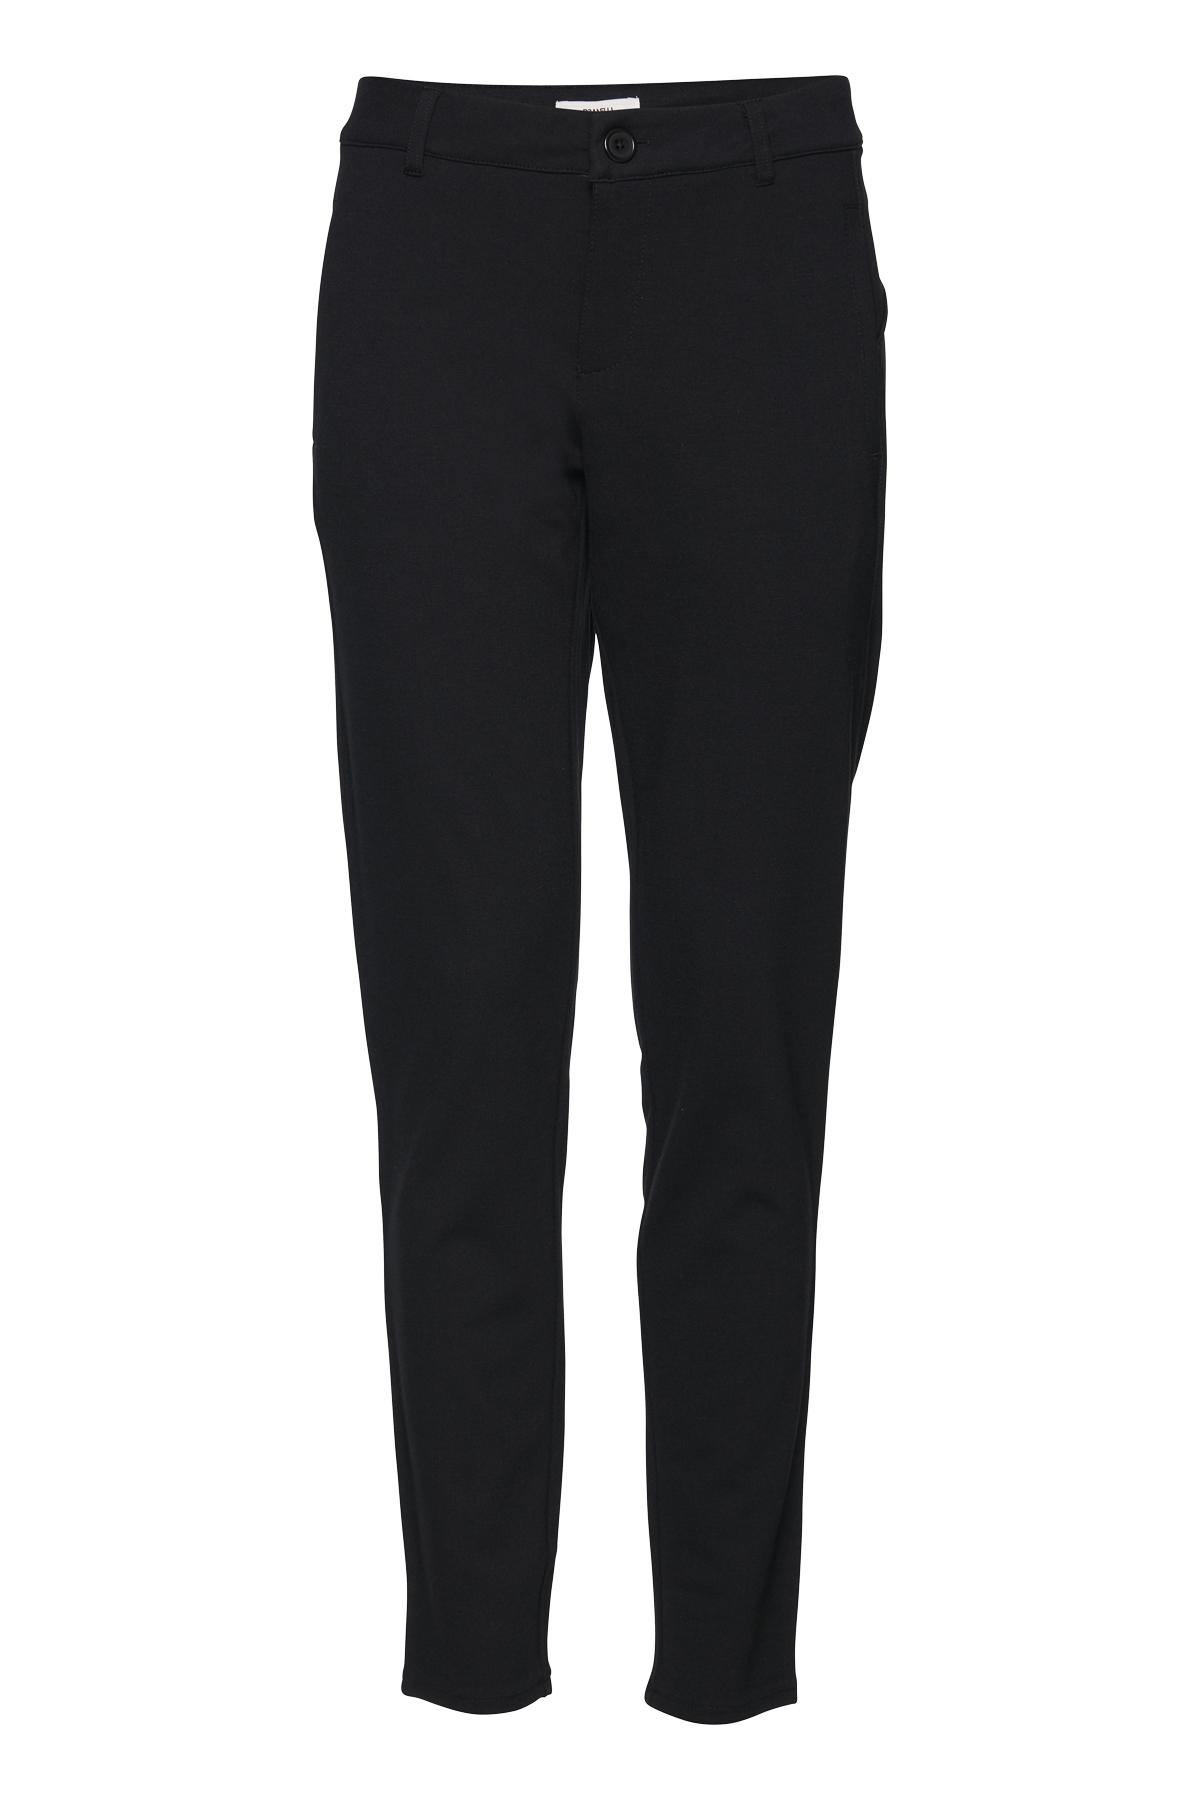 Schwarz Hose von Dranella – Shoppen Sie Schwarz Hose ab Gr. 32-46 hier